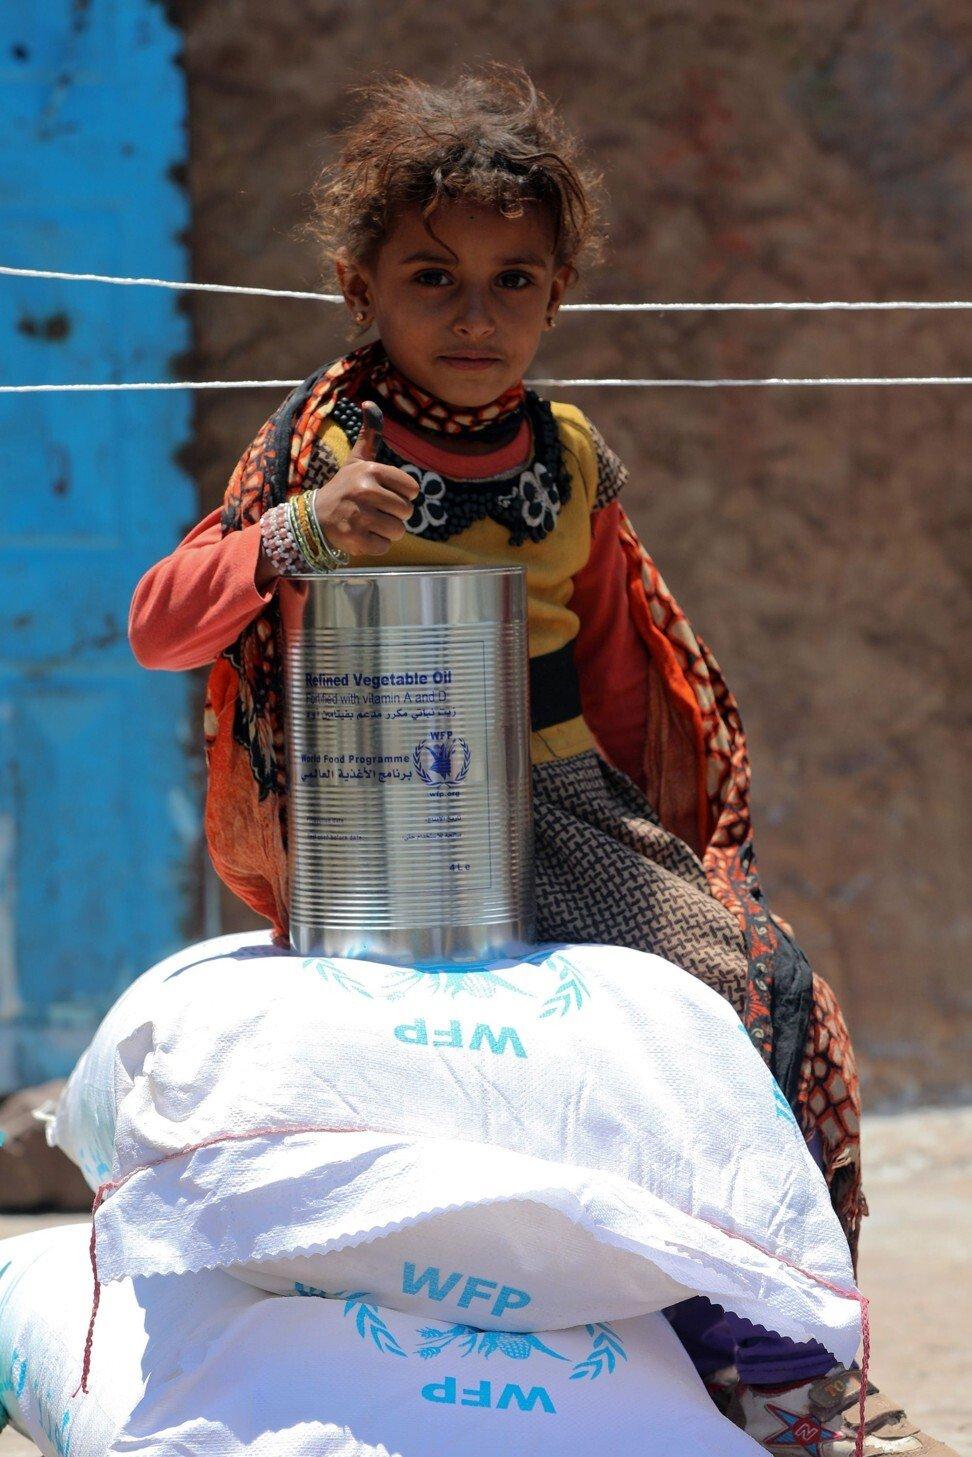 Hàng triệu người dân Yemen, trong đó có nhiều trẻ em, đang bị đói vì thiếu lương thực - Ảnh: